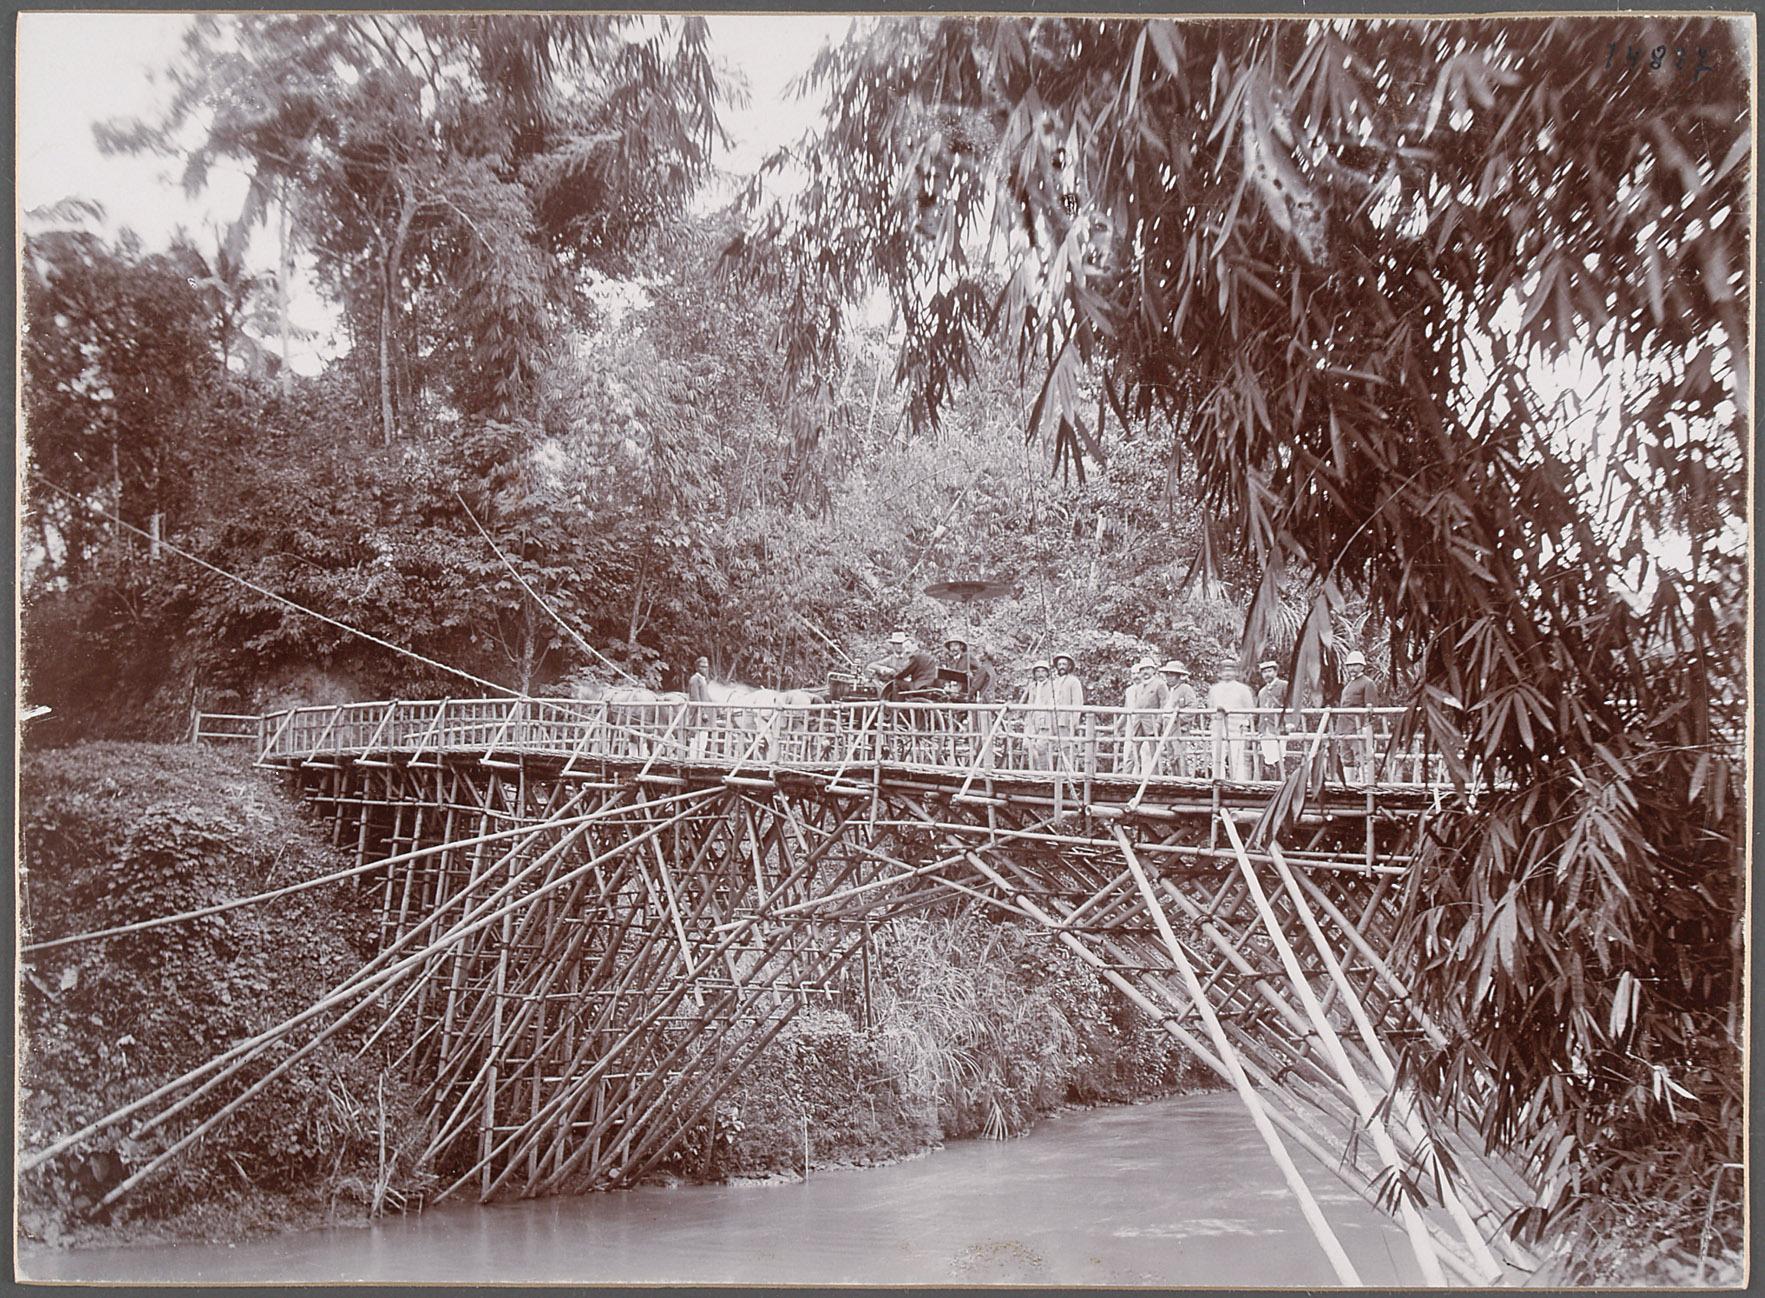 """Franz Ferdinand u. sein Gefolge auf einer Bambusbrücke bei Mande über den Tji-Koendoel"""". 16.IV.1893 von Eduard Hodek jun."""